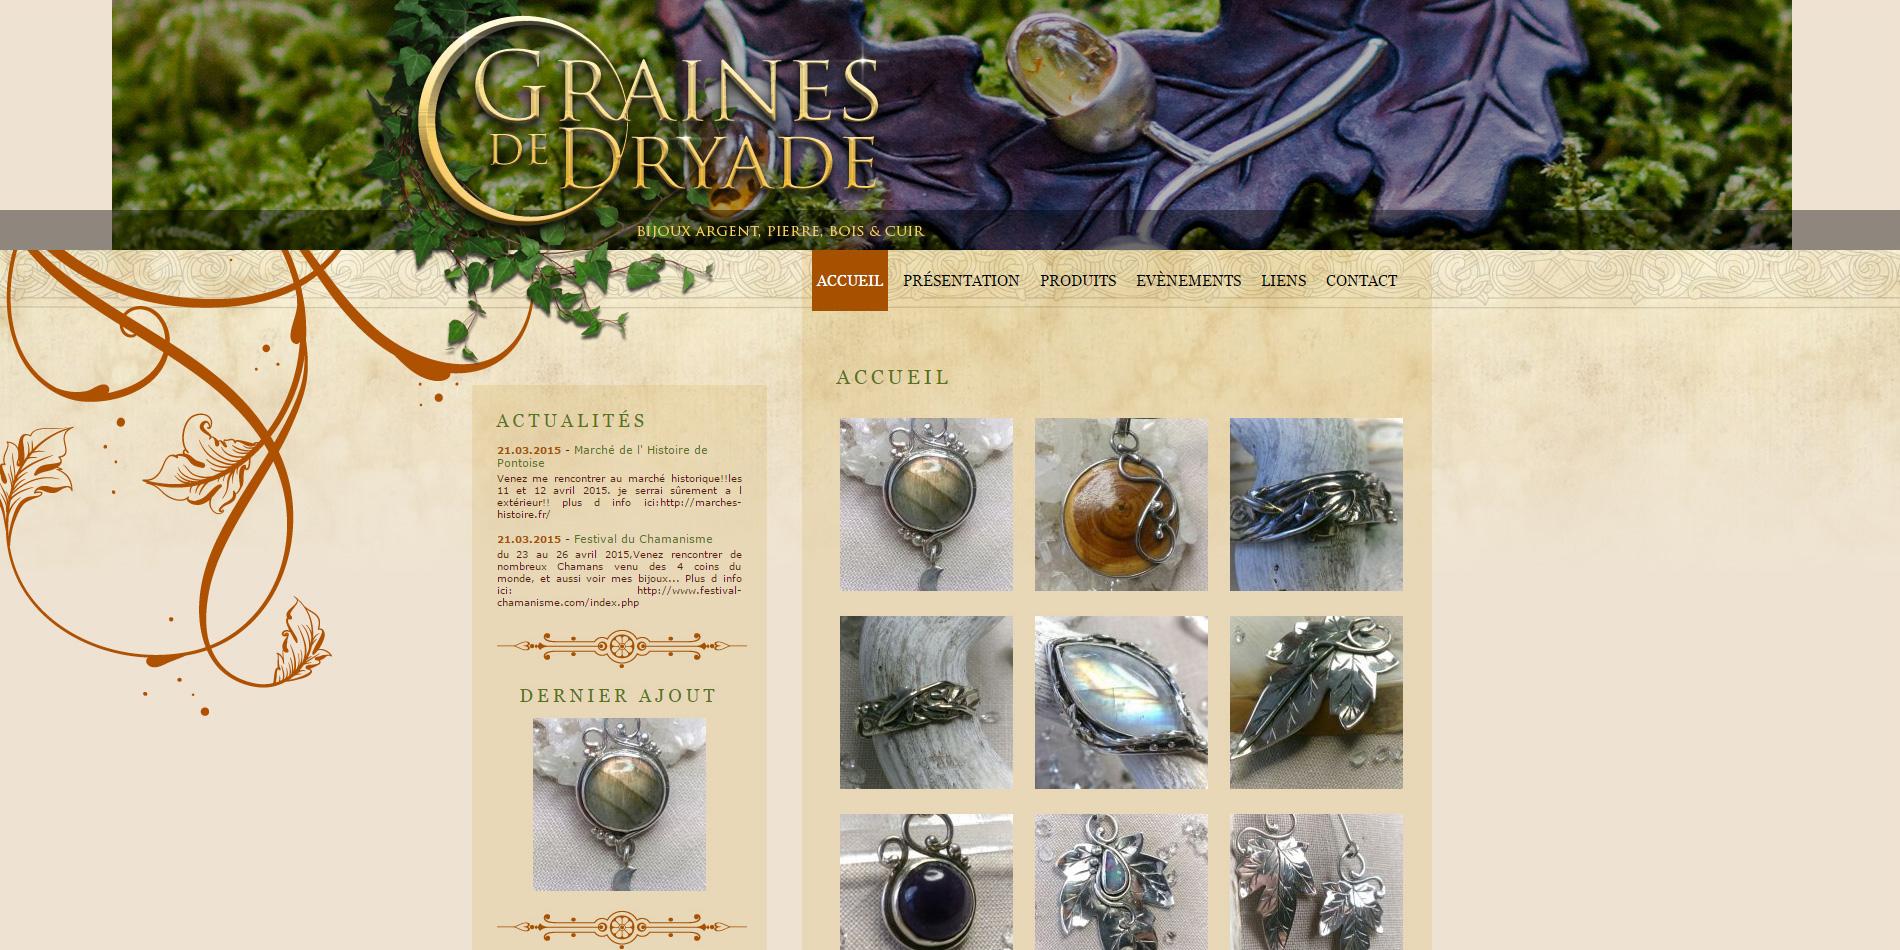 Graines de Dryade - Page d'accueil